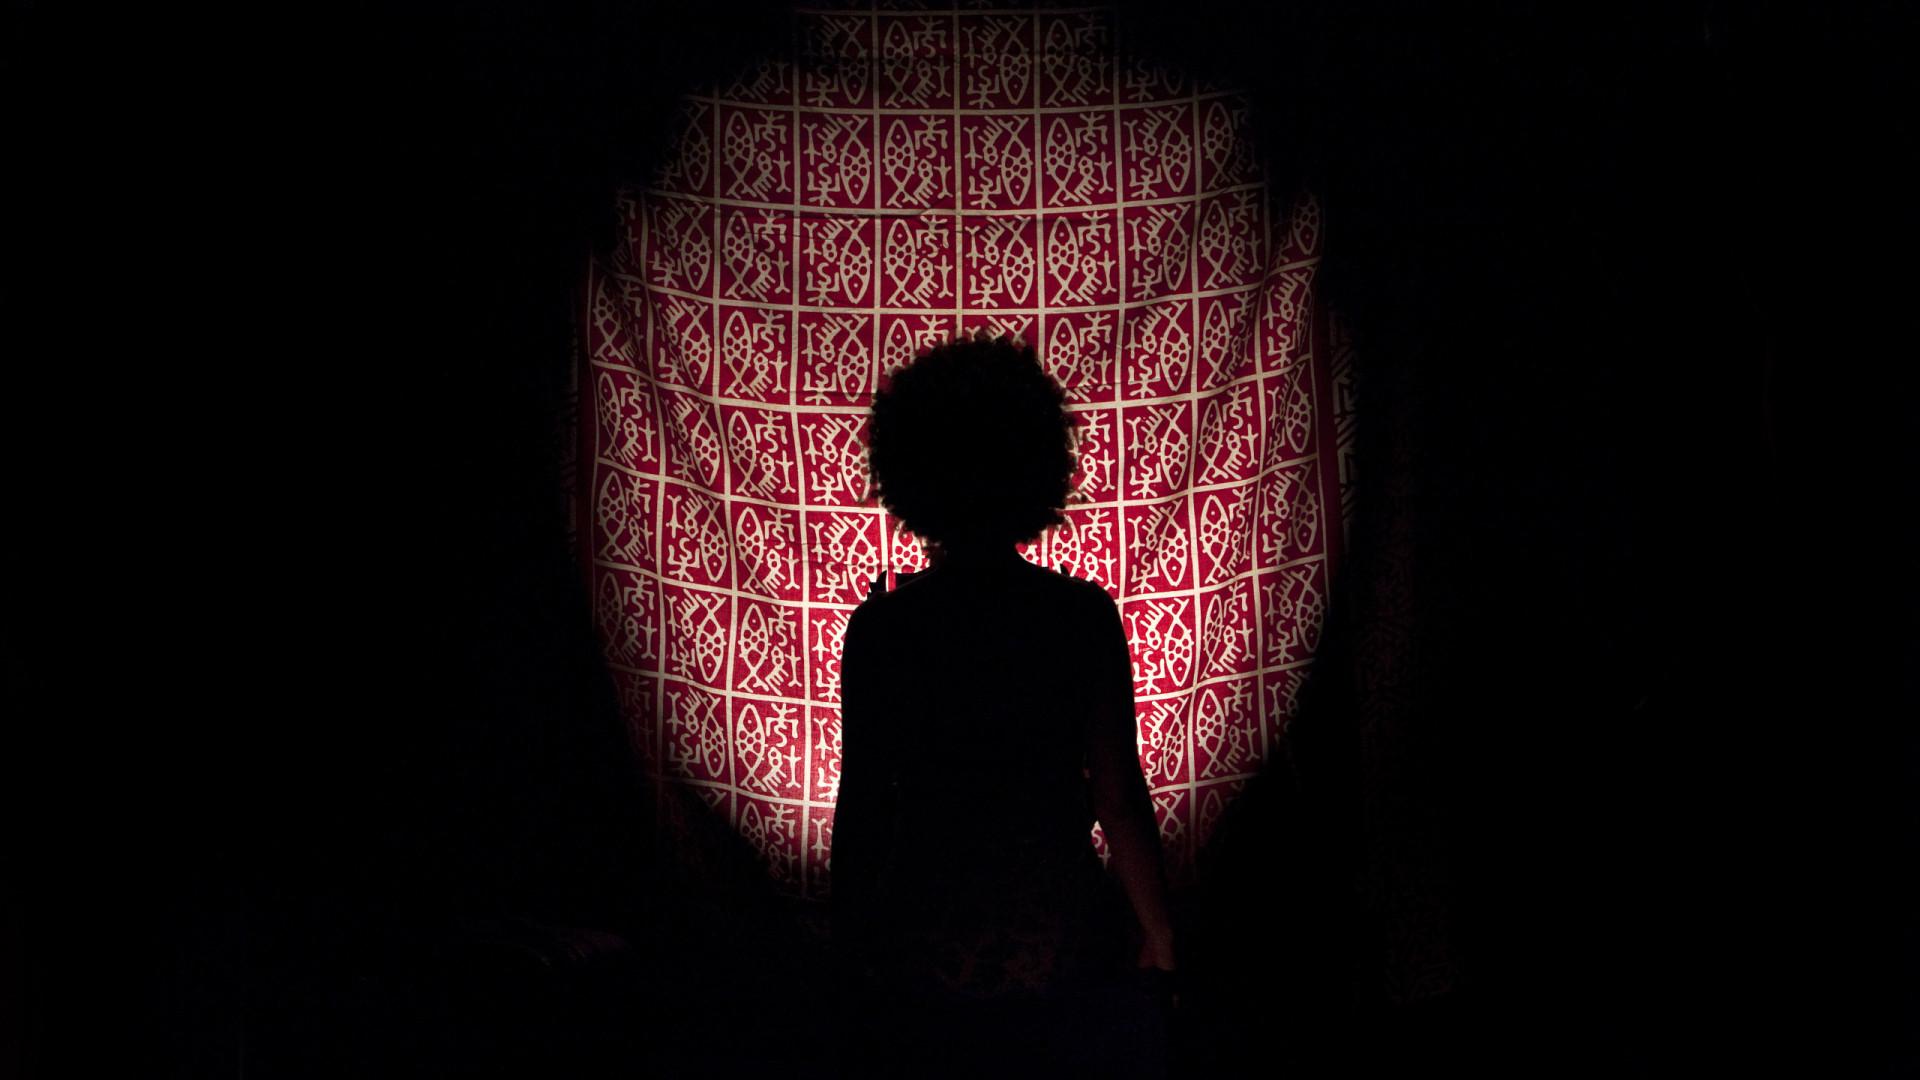 Em 2016 foram registados 80 casos de mutilação genital feminina